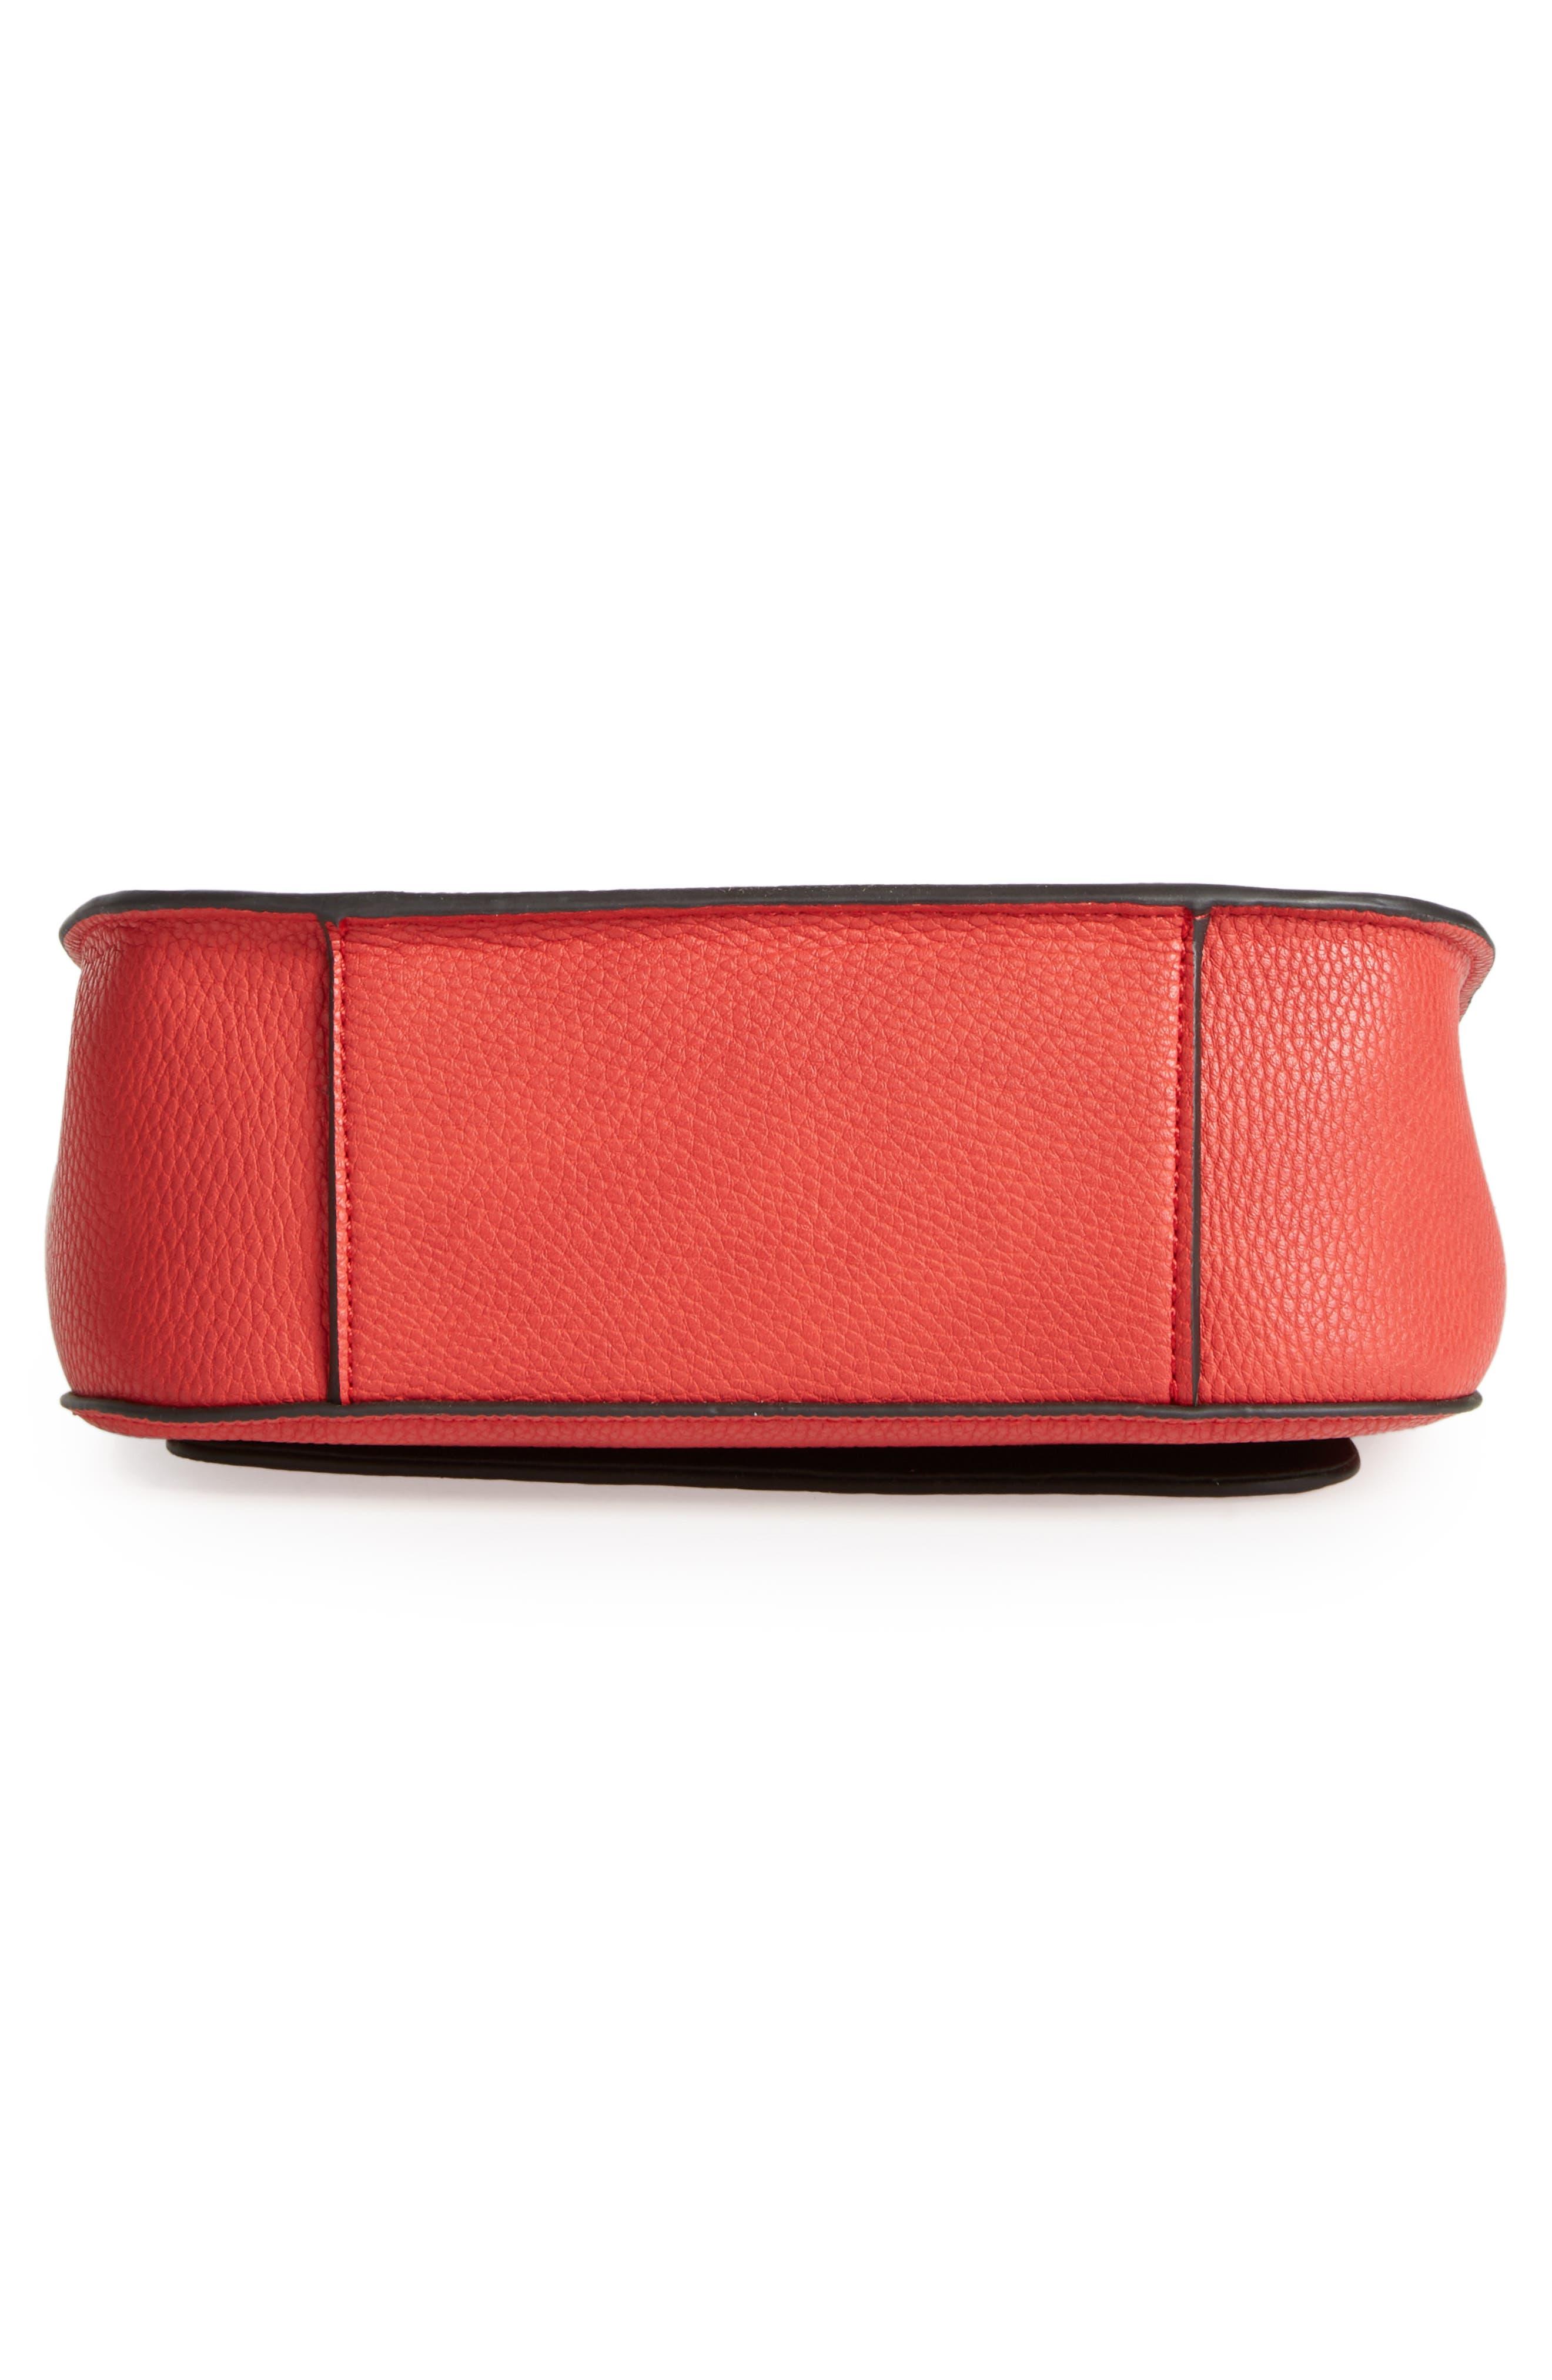 Mini Laine Fringe Crossbody Bag,                             Alternate thumbnail 6, color,                             Red